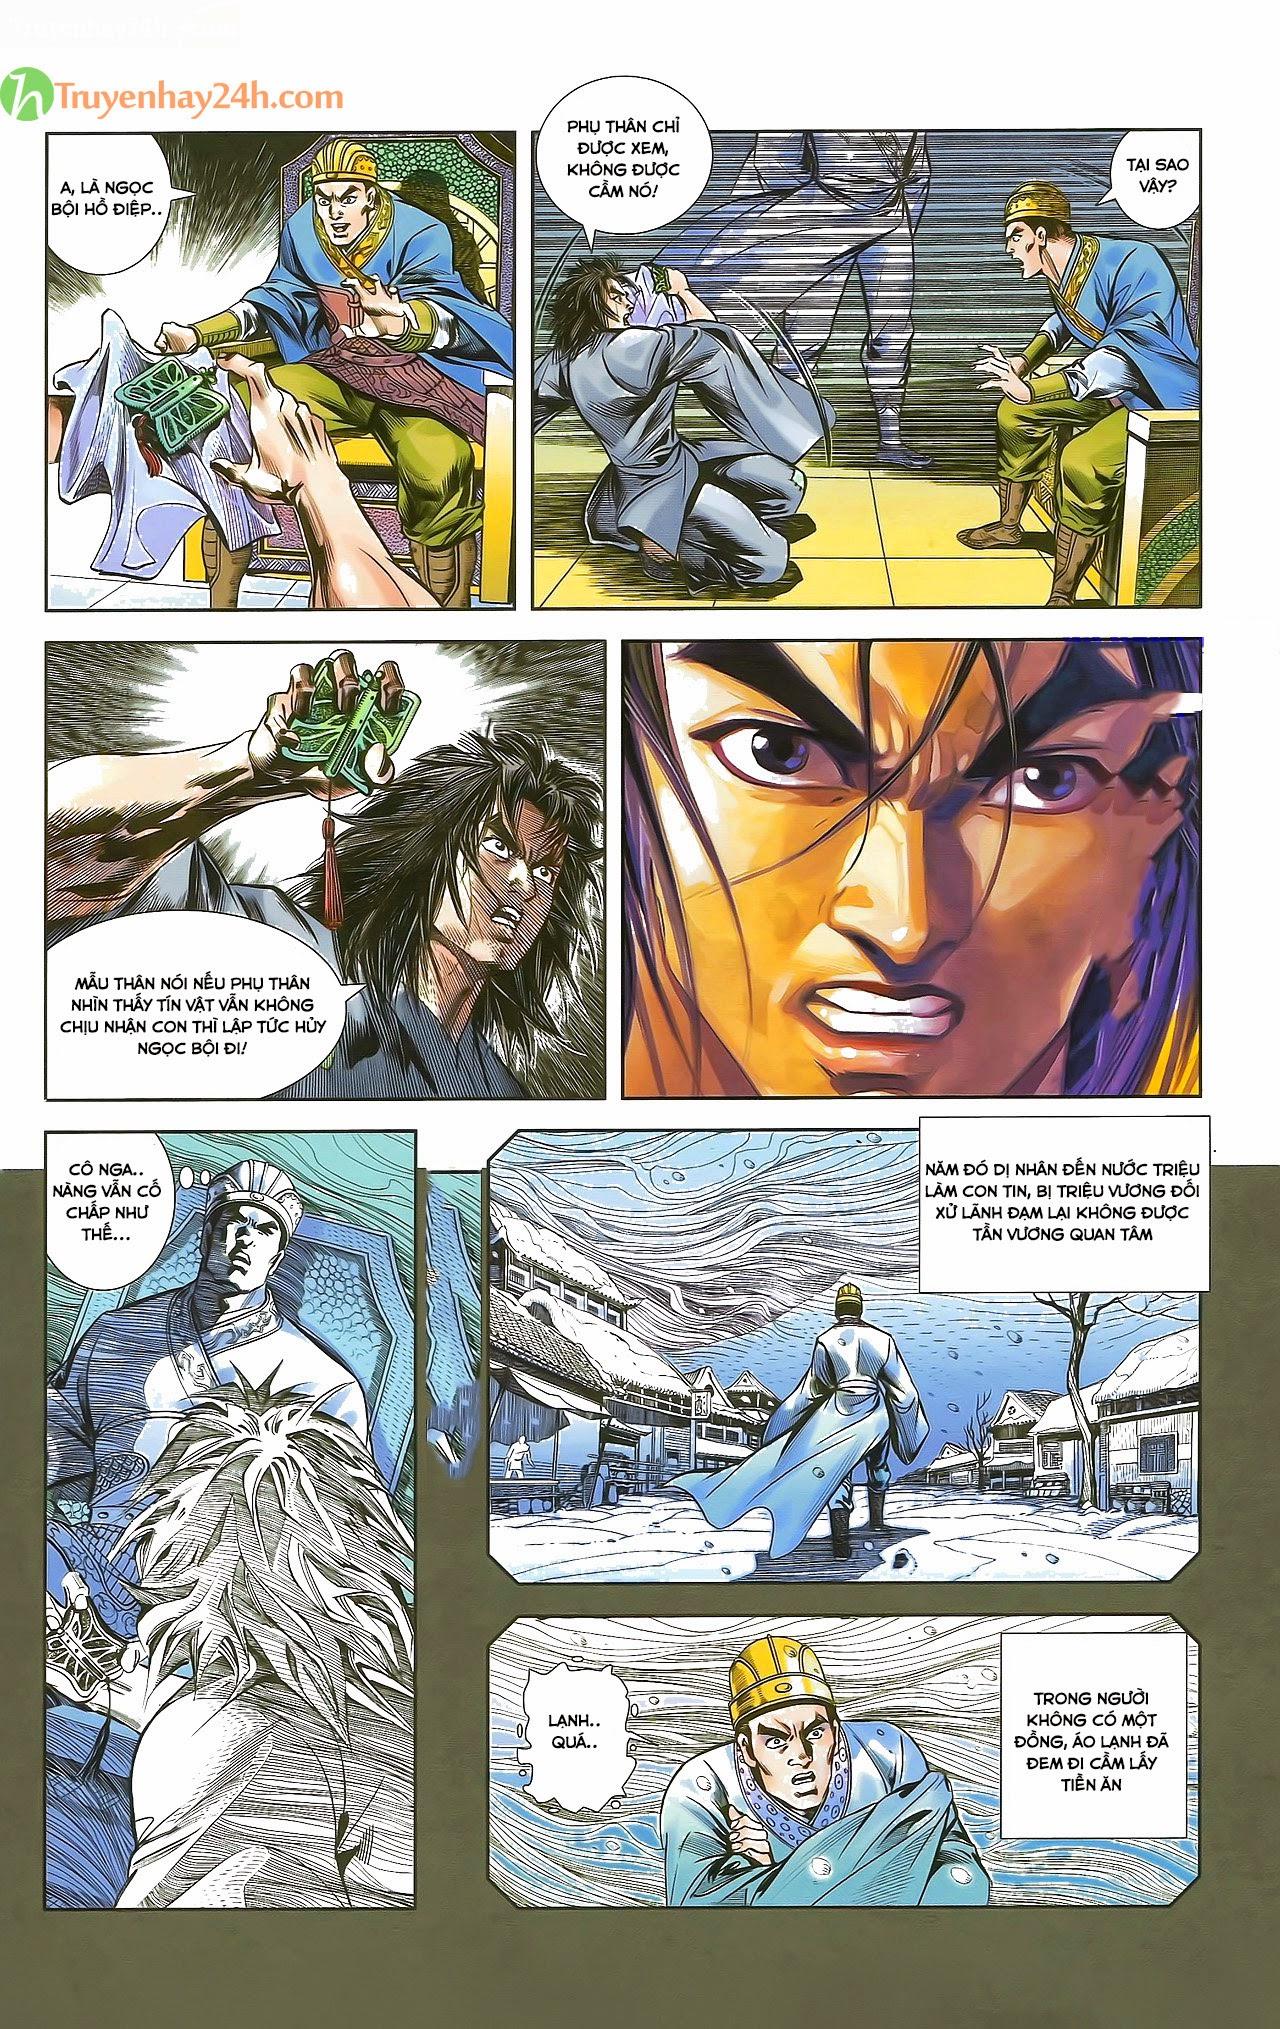 Tần Vương Doanh Chính chapter 29.1 trang 8